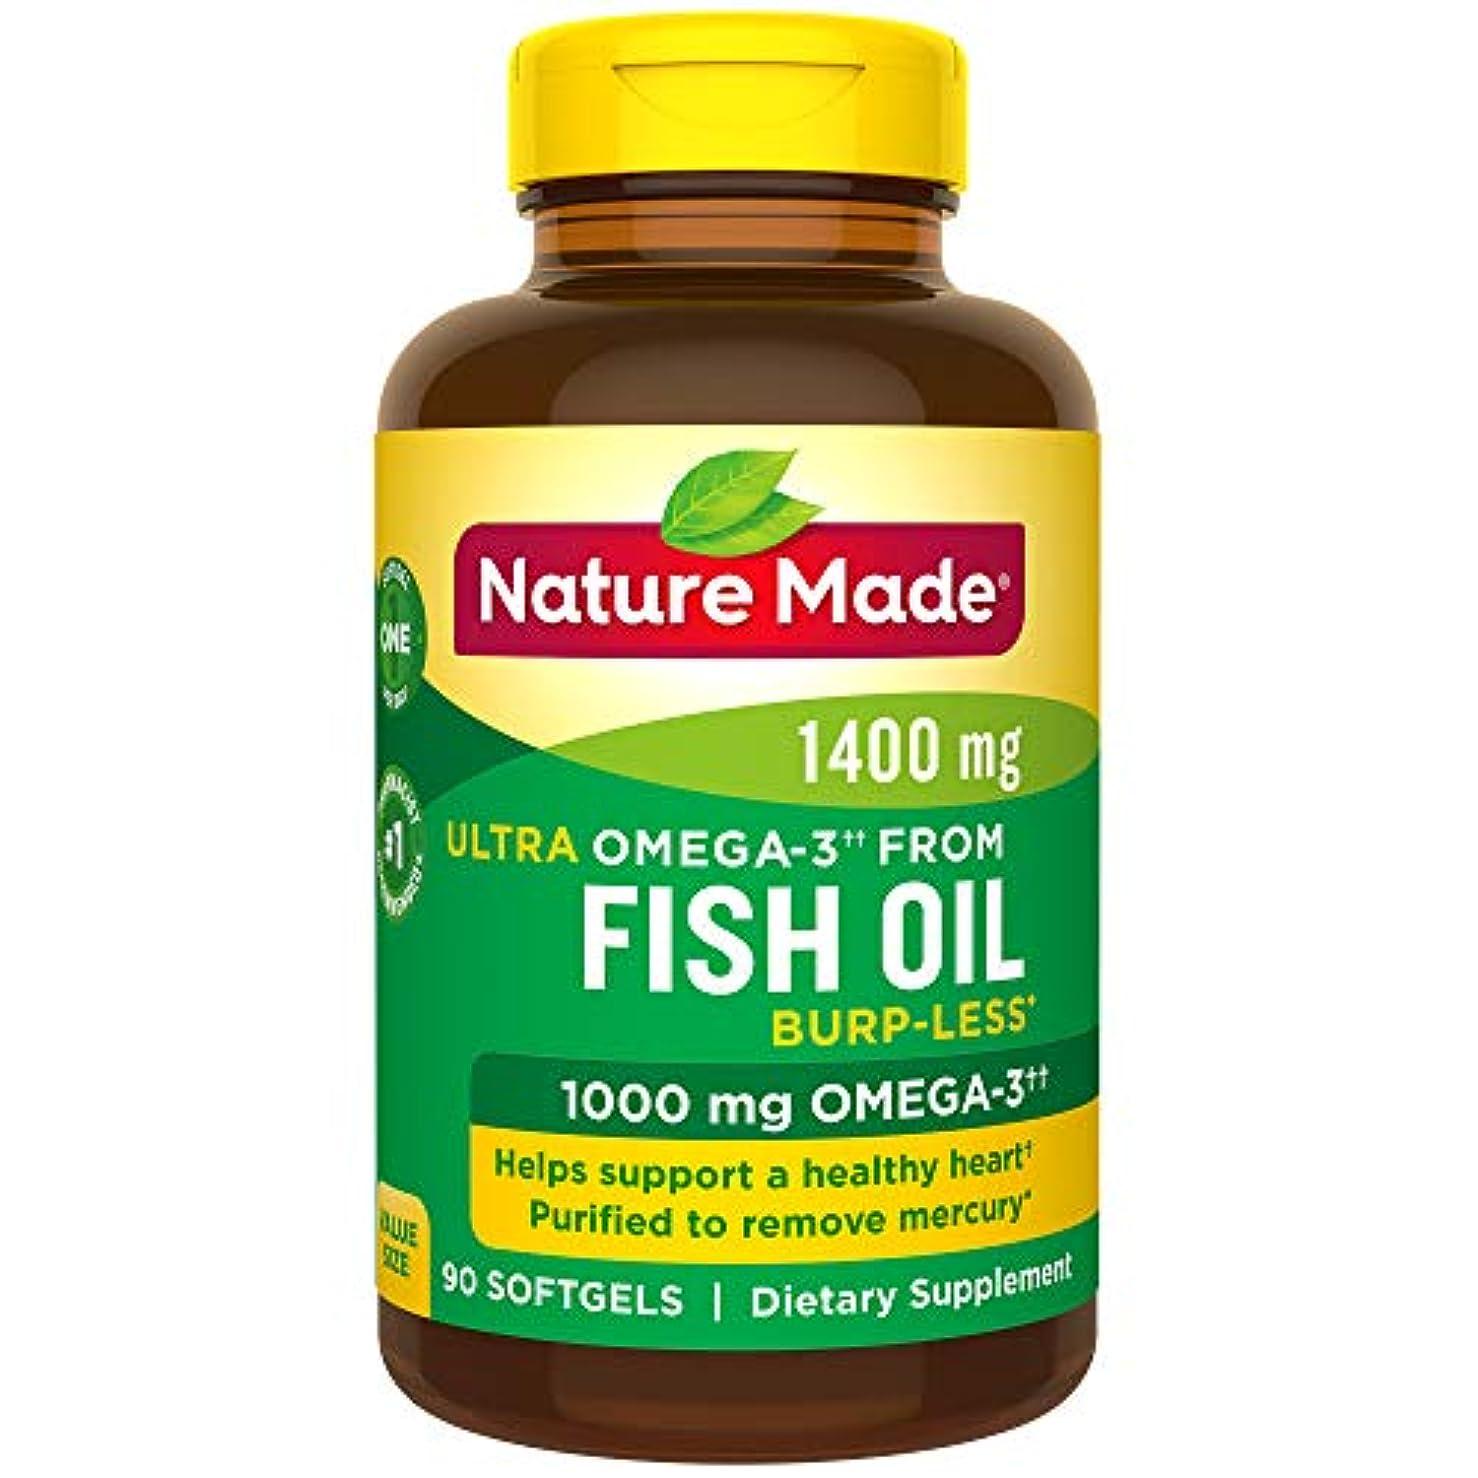 生息地ピラミッド遊具Nature Made Ultra Omega-3 Fish Oil Value Size Softgel, 1400 mg, 90 Count 海外直送品